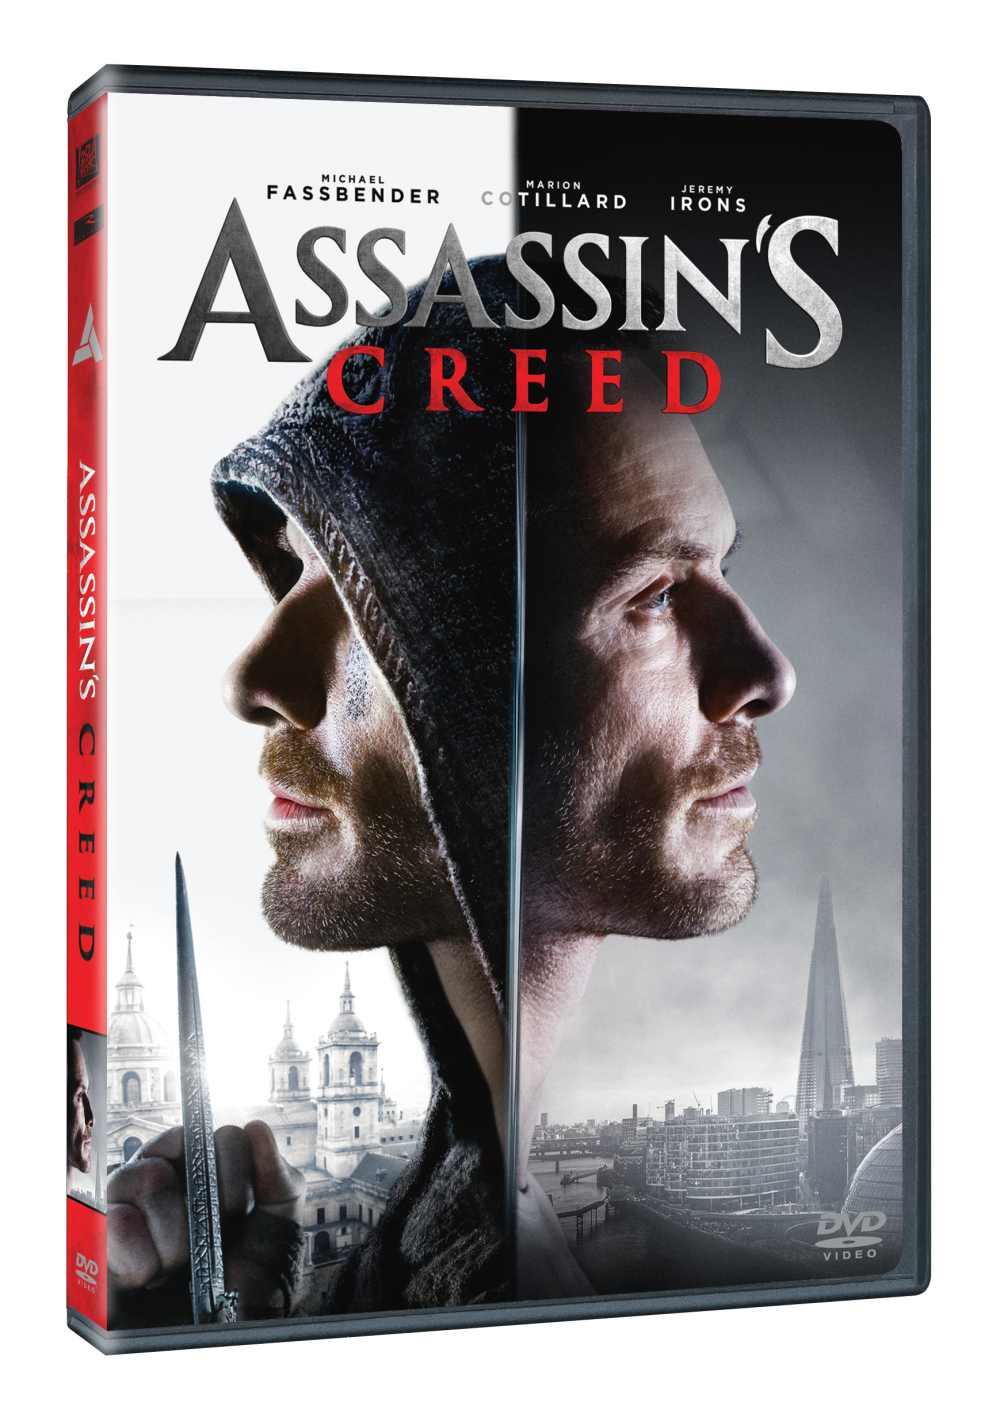 ASSASSINS CREED - DVD